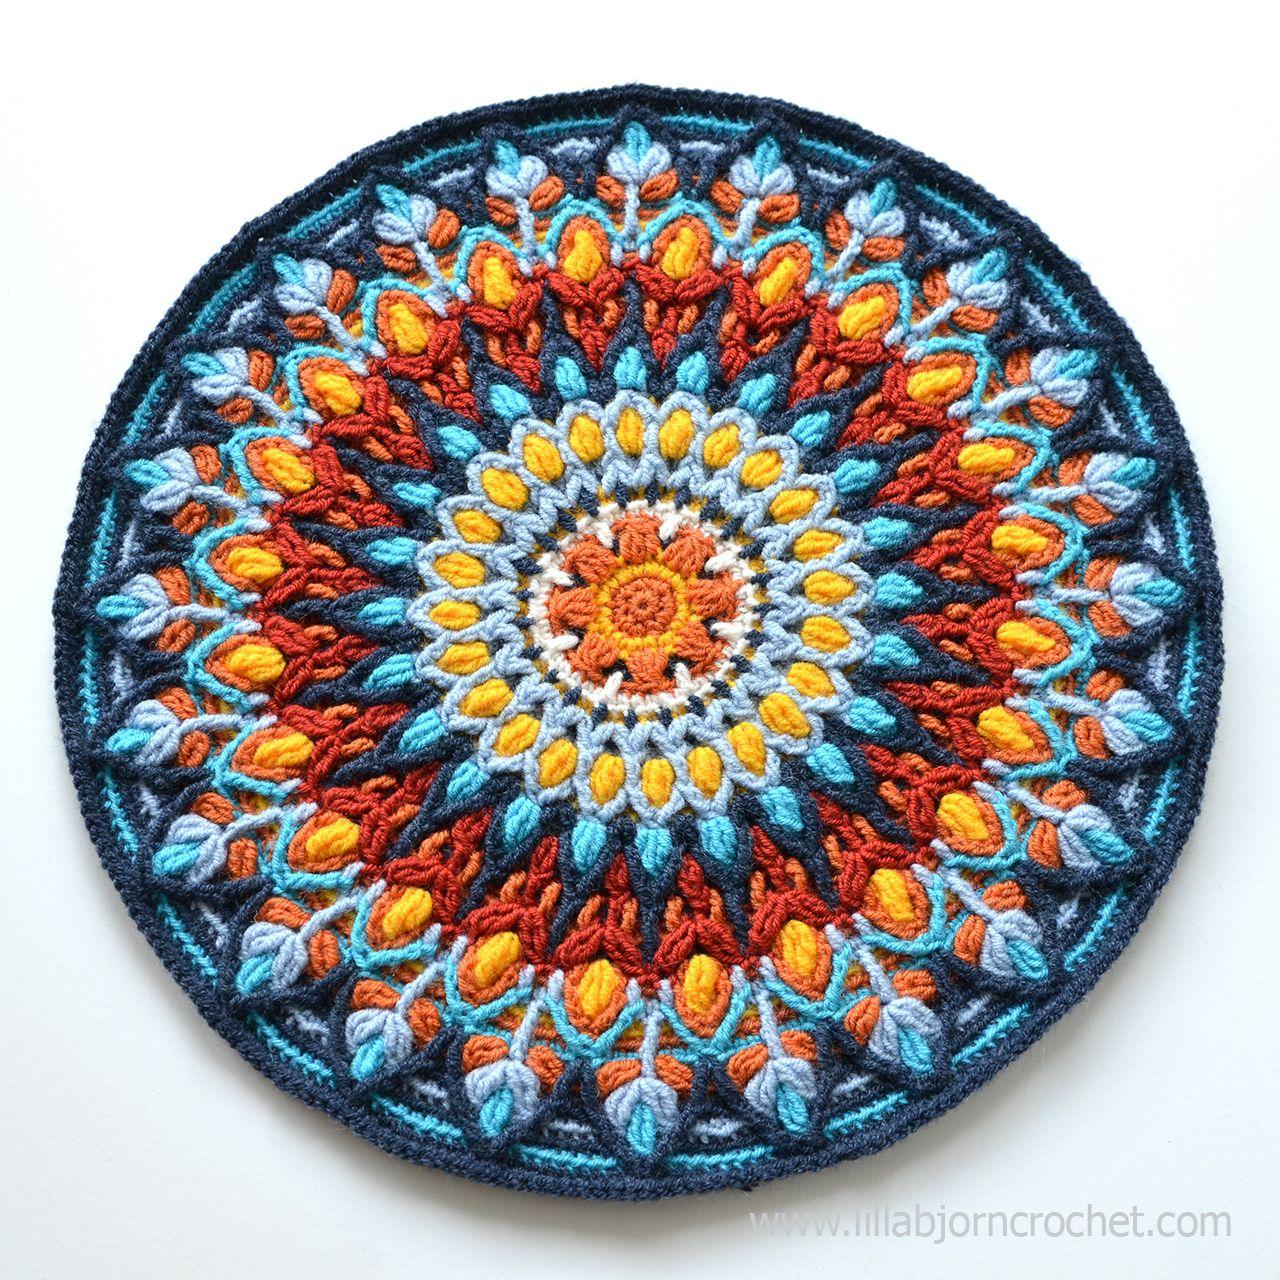 Spanish Mandala was inspired by ceramic handmade plates. Overlay ...